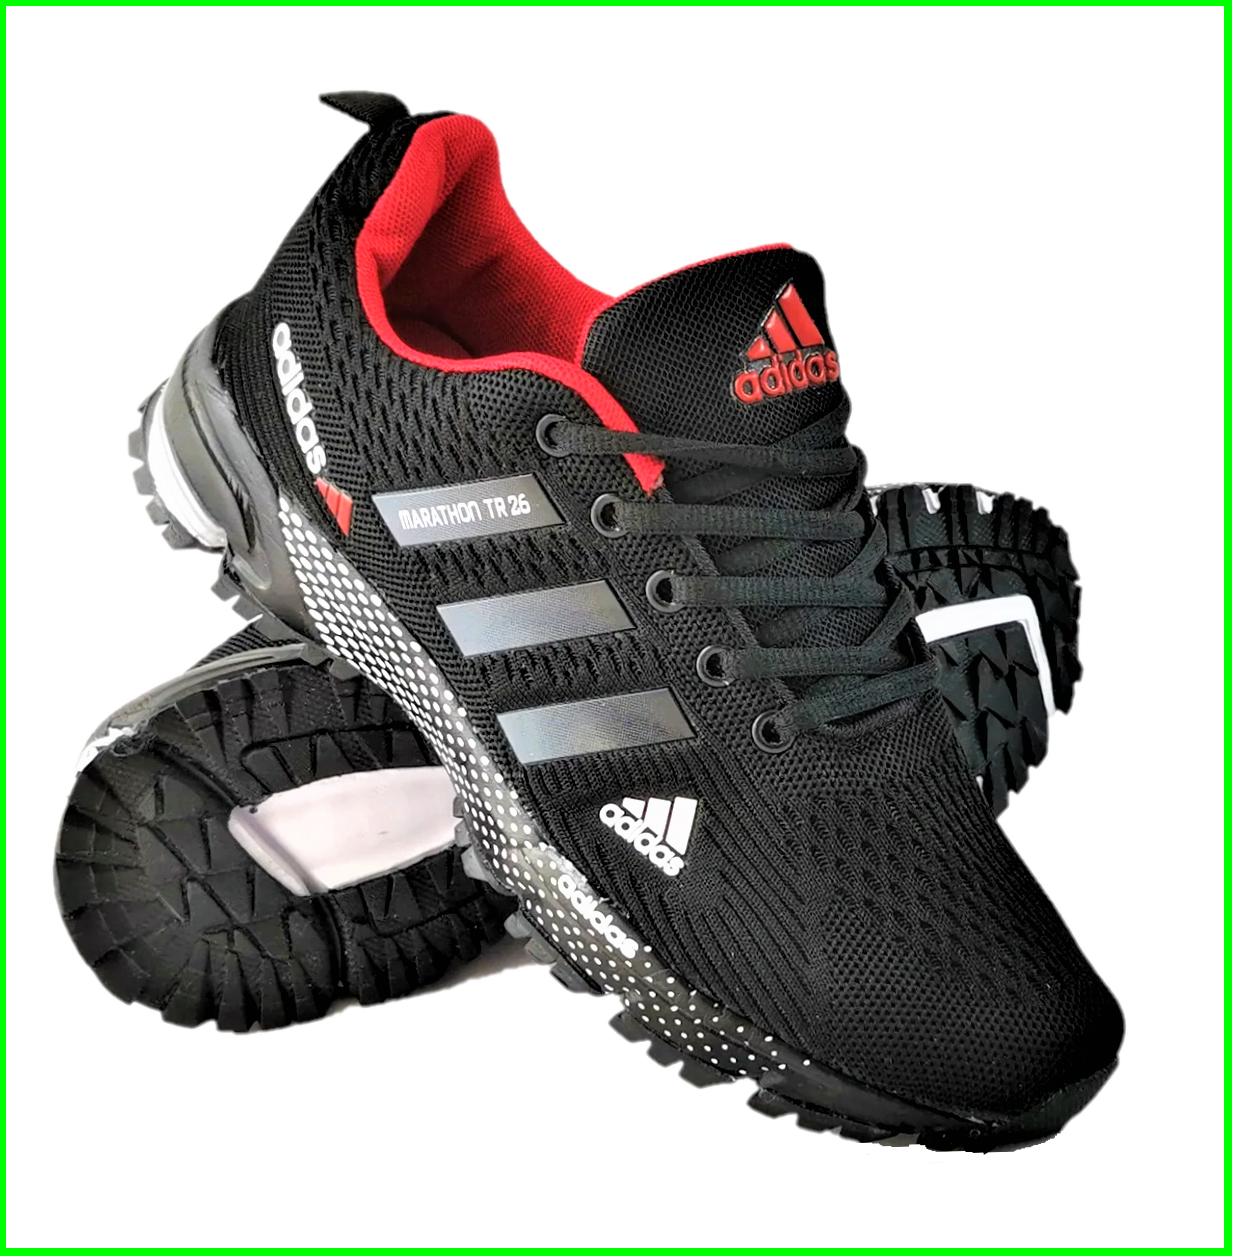 Мужские Кроссовки Adidas Fast Marathon Чёрные Адидас (размеры: 44) Видео Обзор